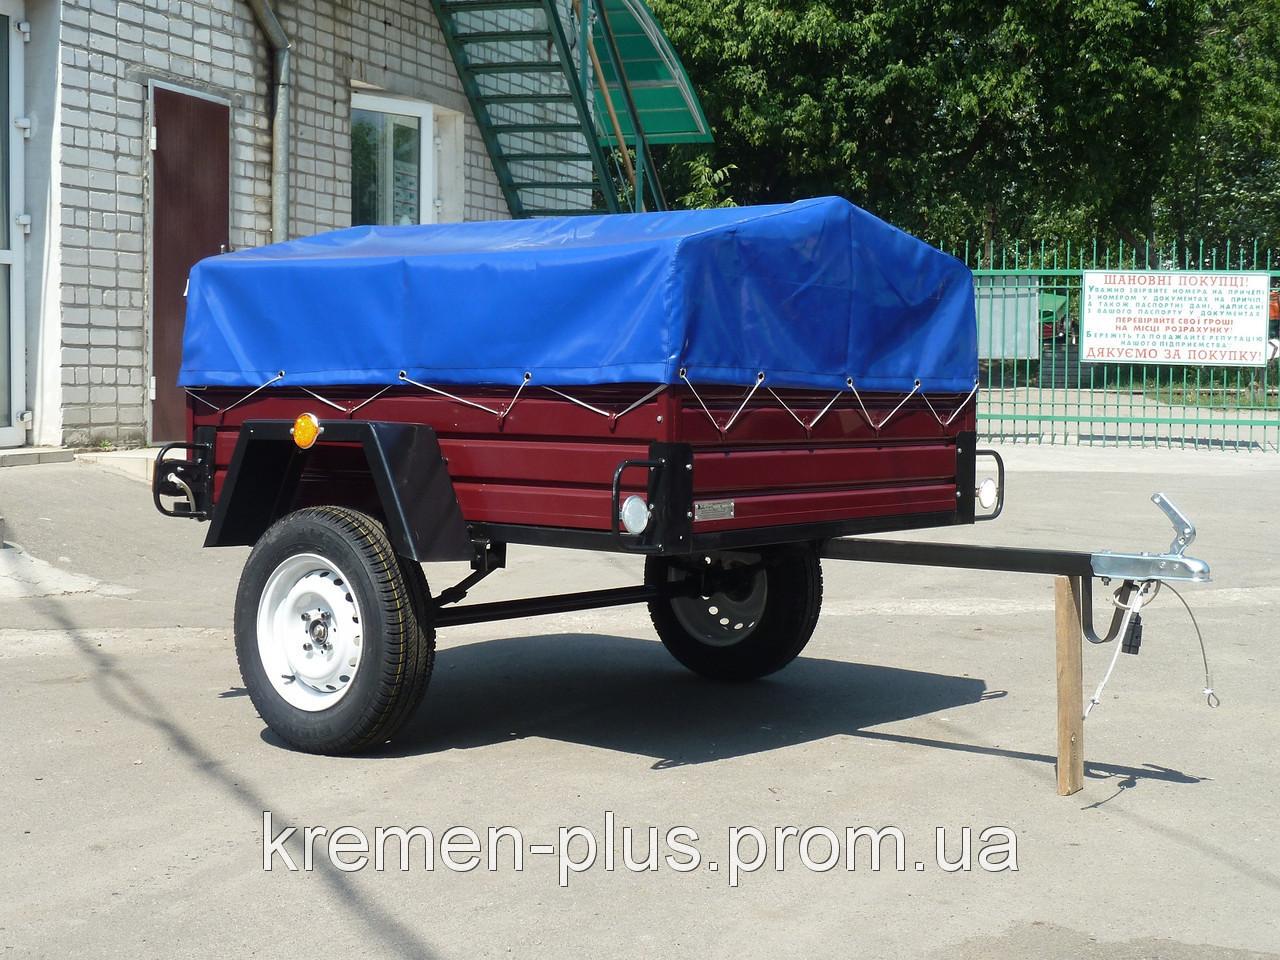 Продам одноосный легковой прицеп в Донецкой области для автомобиля